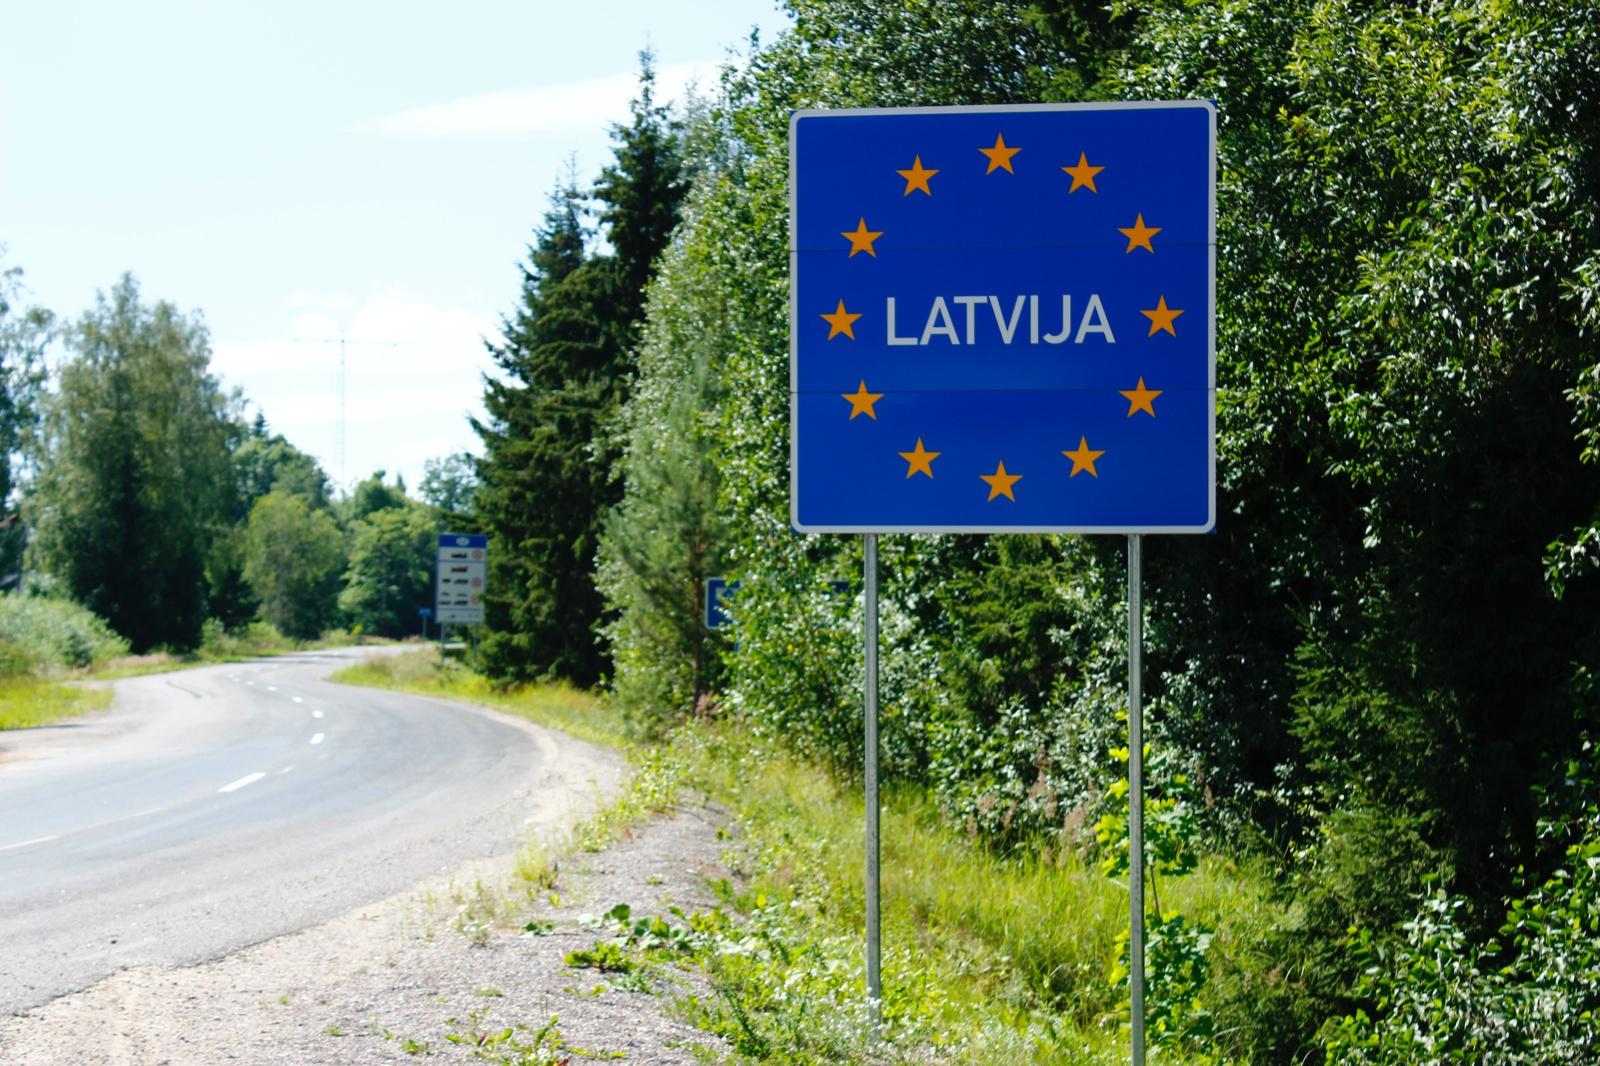 Padaugėjus COVID-19 atvejų, Latvija ketina trumpinti kultūros, pramogų vietų darbo laiką